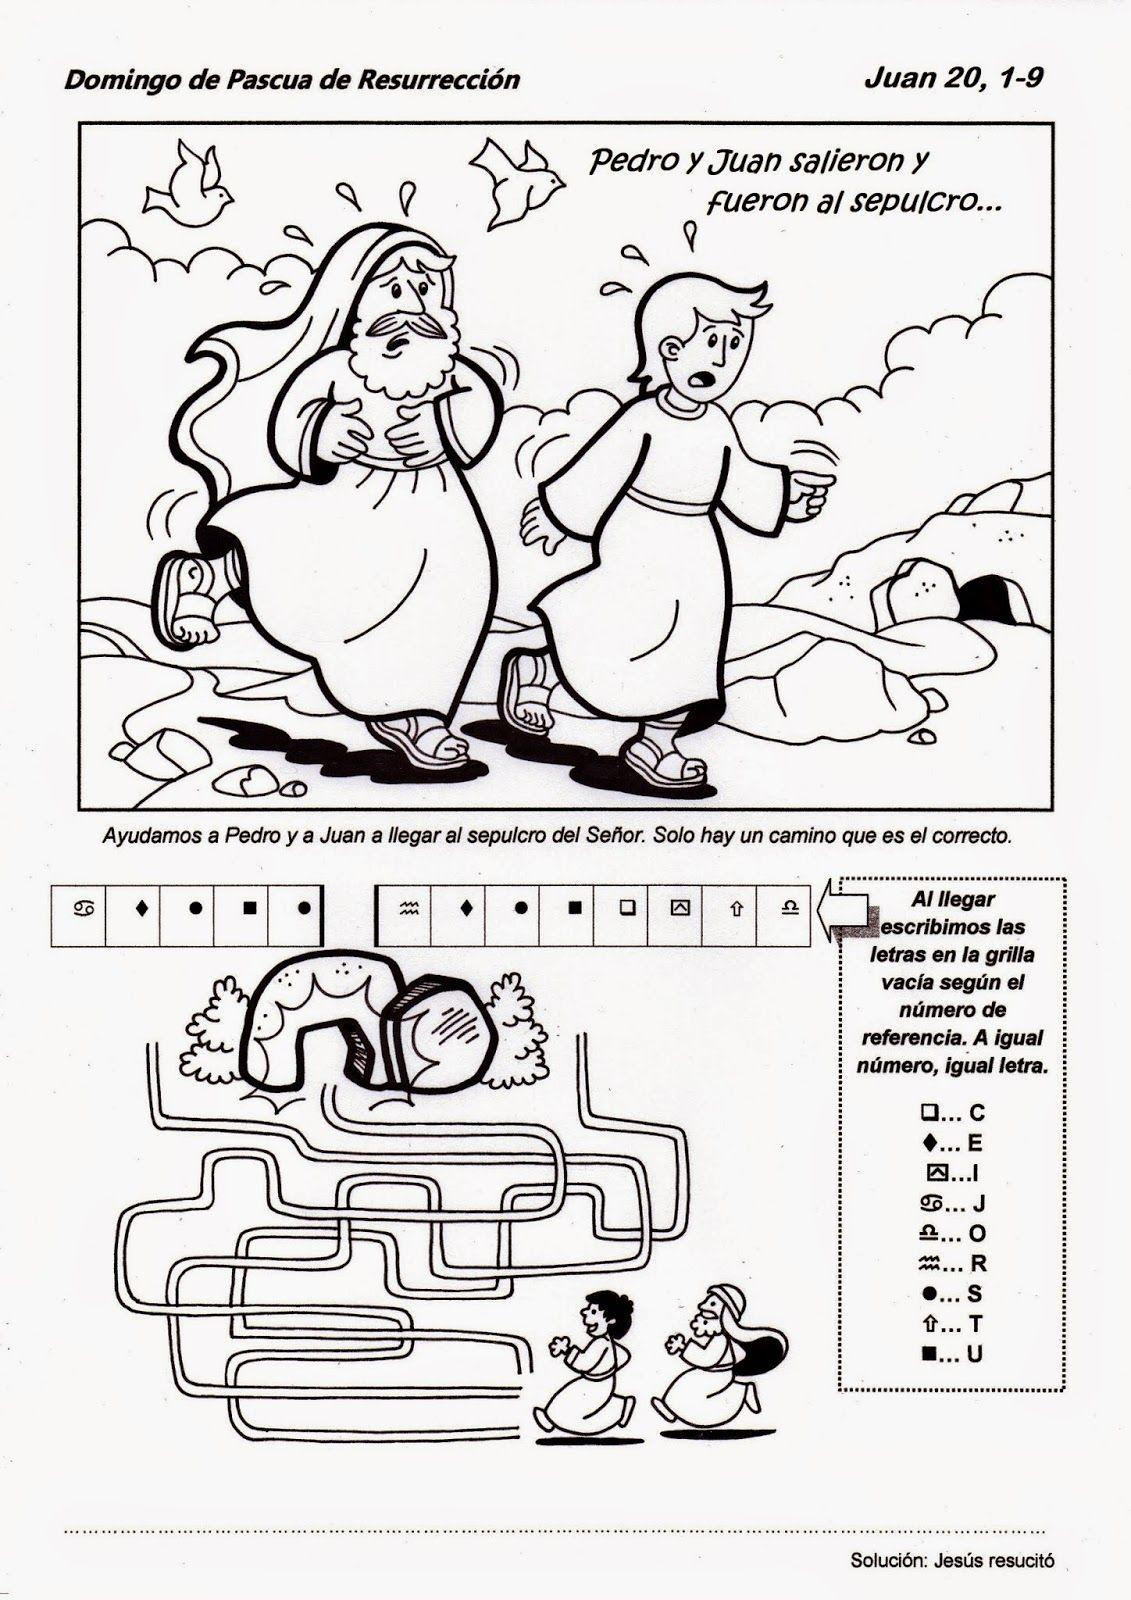 Domingo De Pascua Ciclo B Escuela Dominical Para Ninos Actividades De La Escuela Dominical Manualidades Para Escuela Dominical